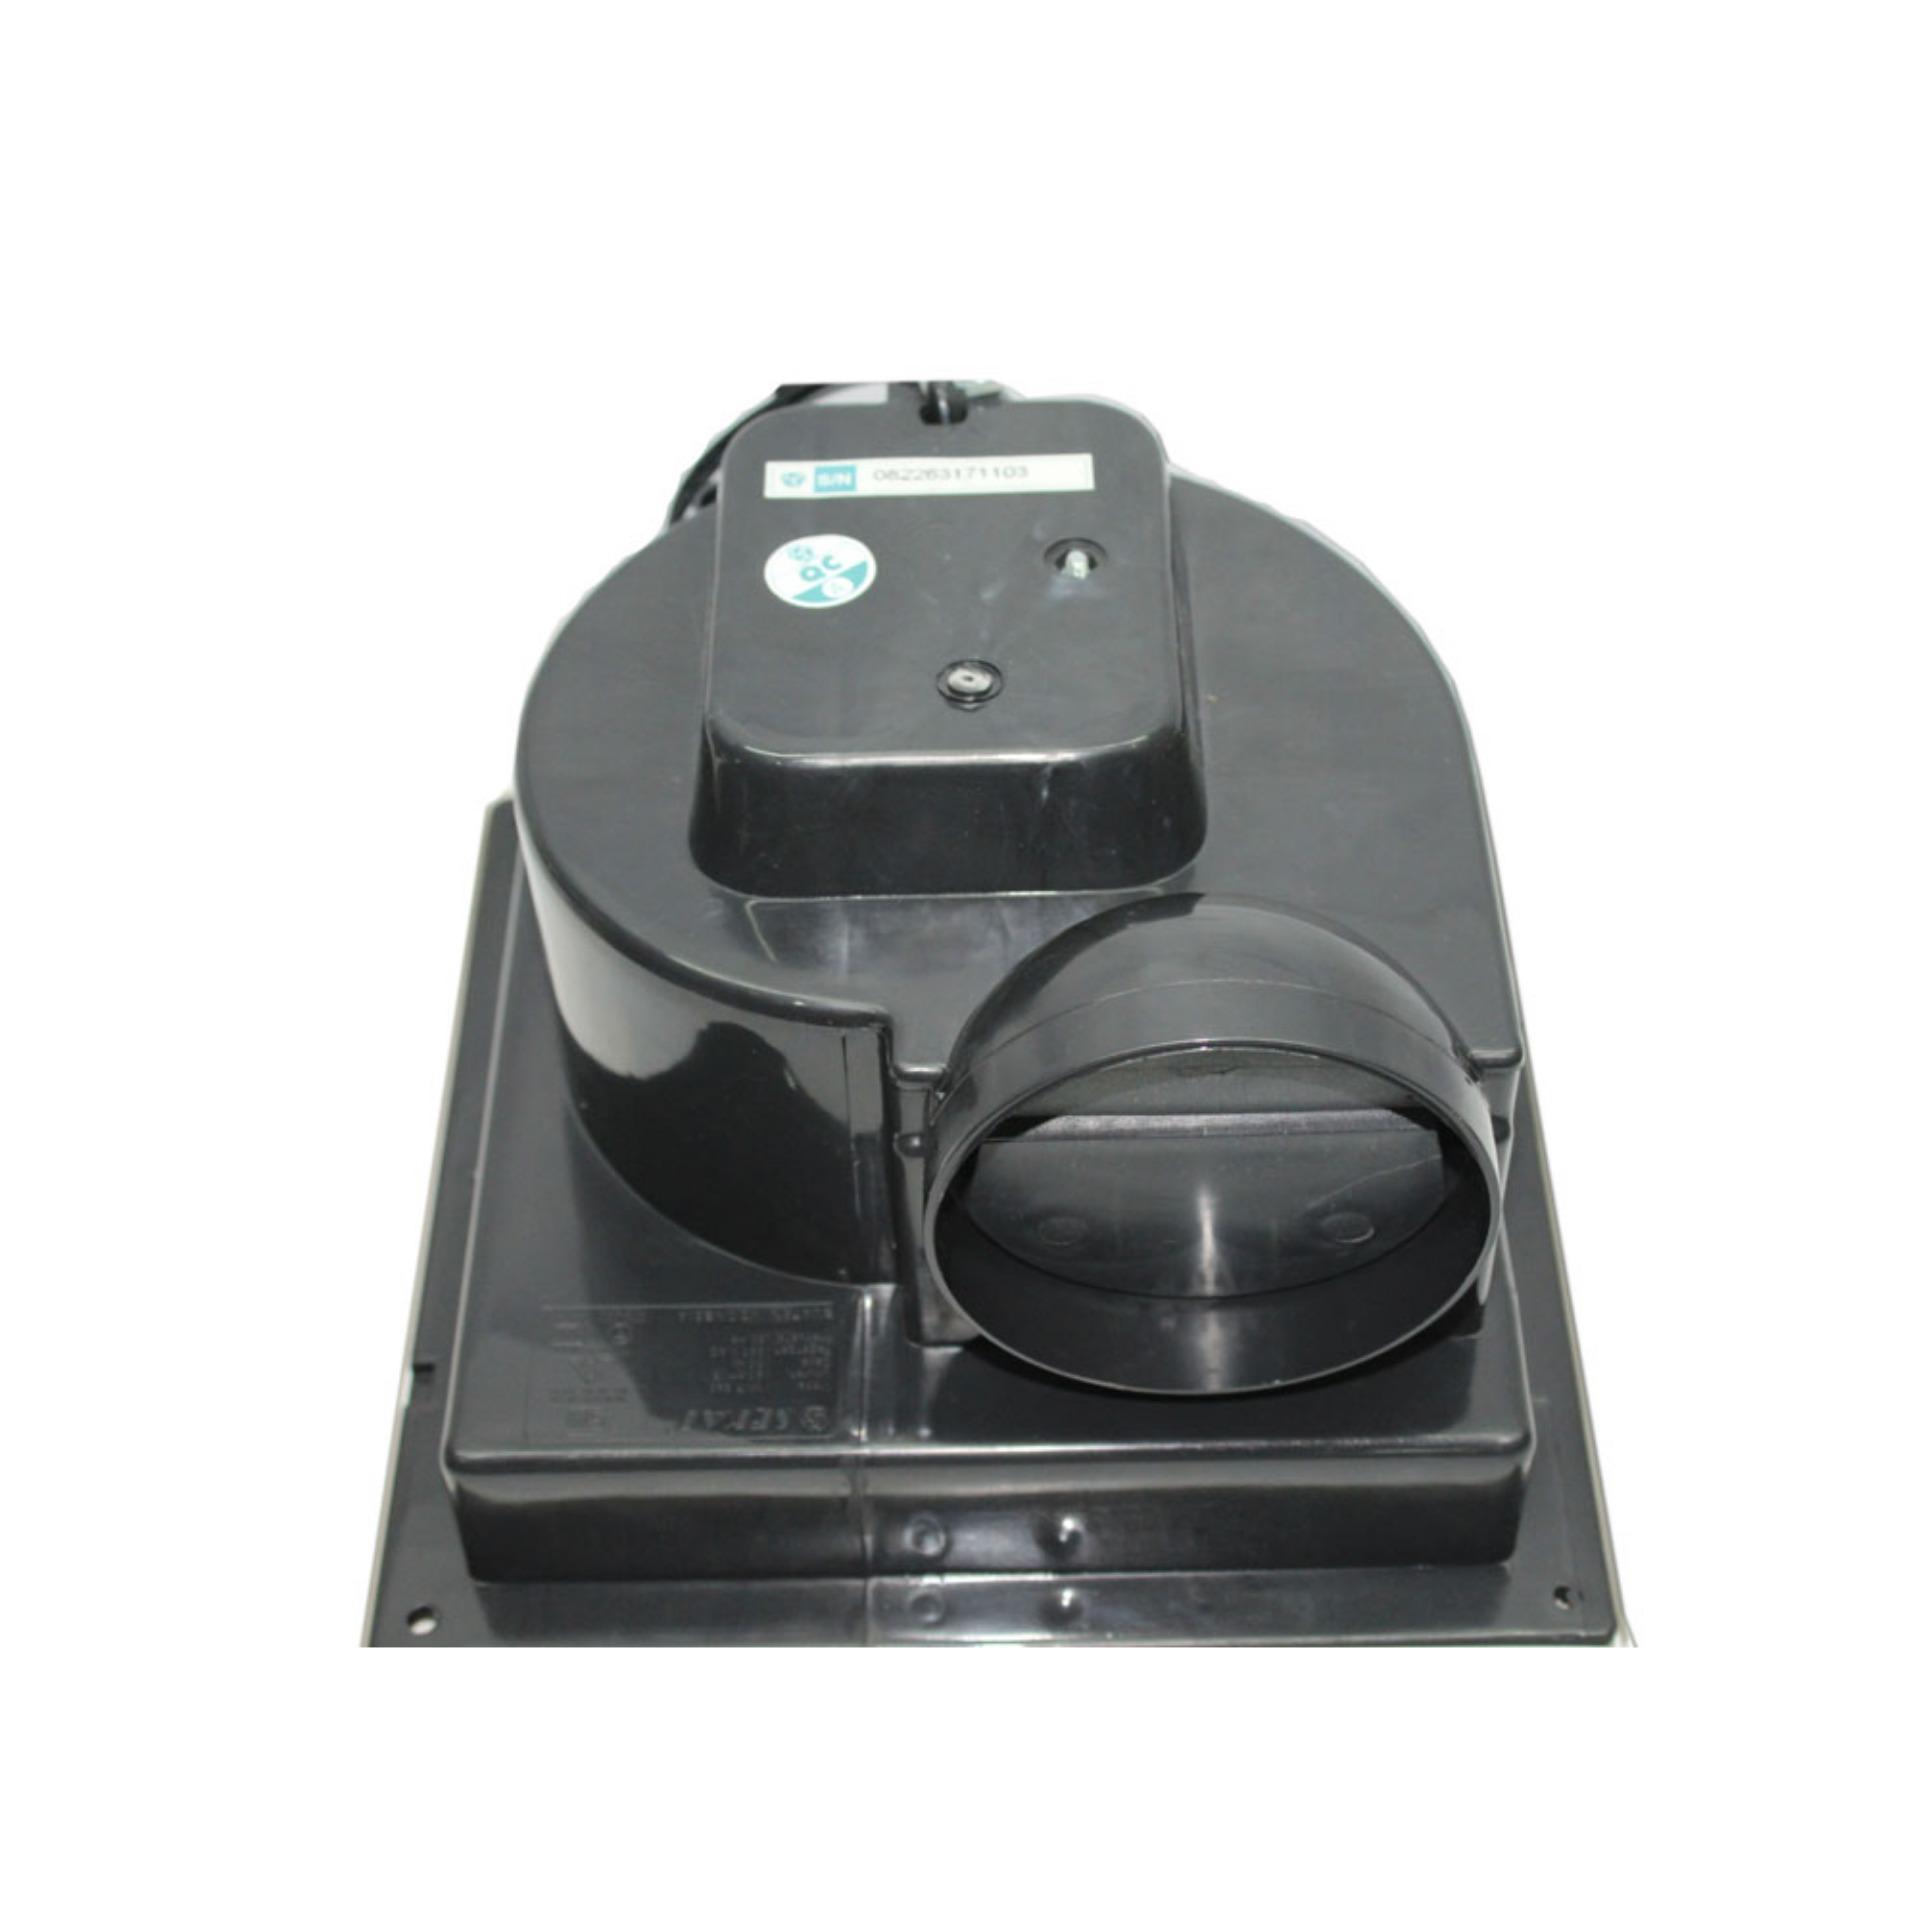 Exhaust Ventilating Sekai Mvf 893 8 Inc Daftar Harga Terlengkap Kipas Angin Dak Tipe Langit Exhaus Fan